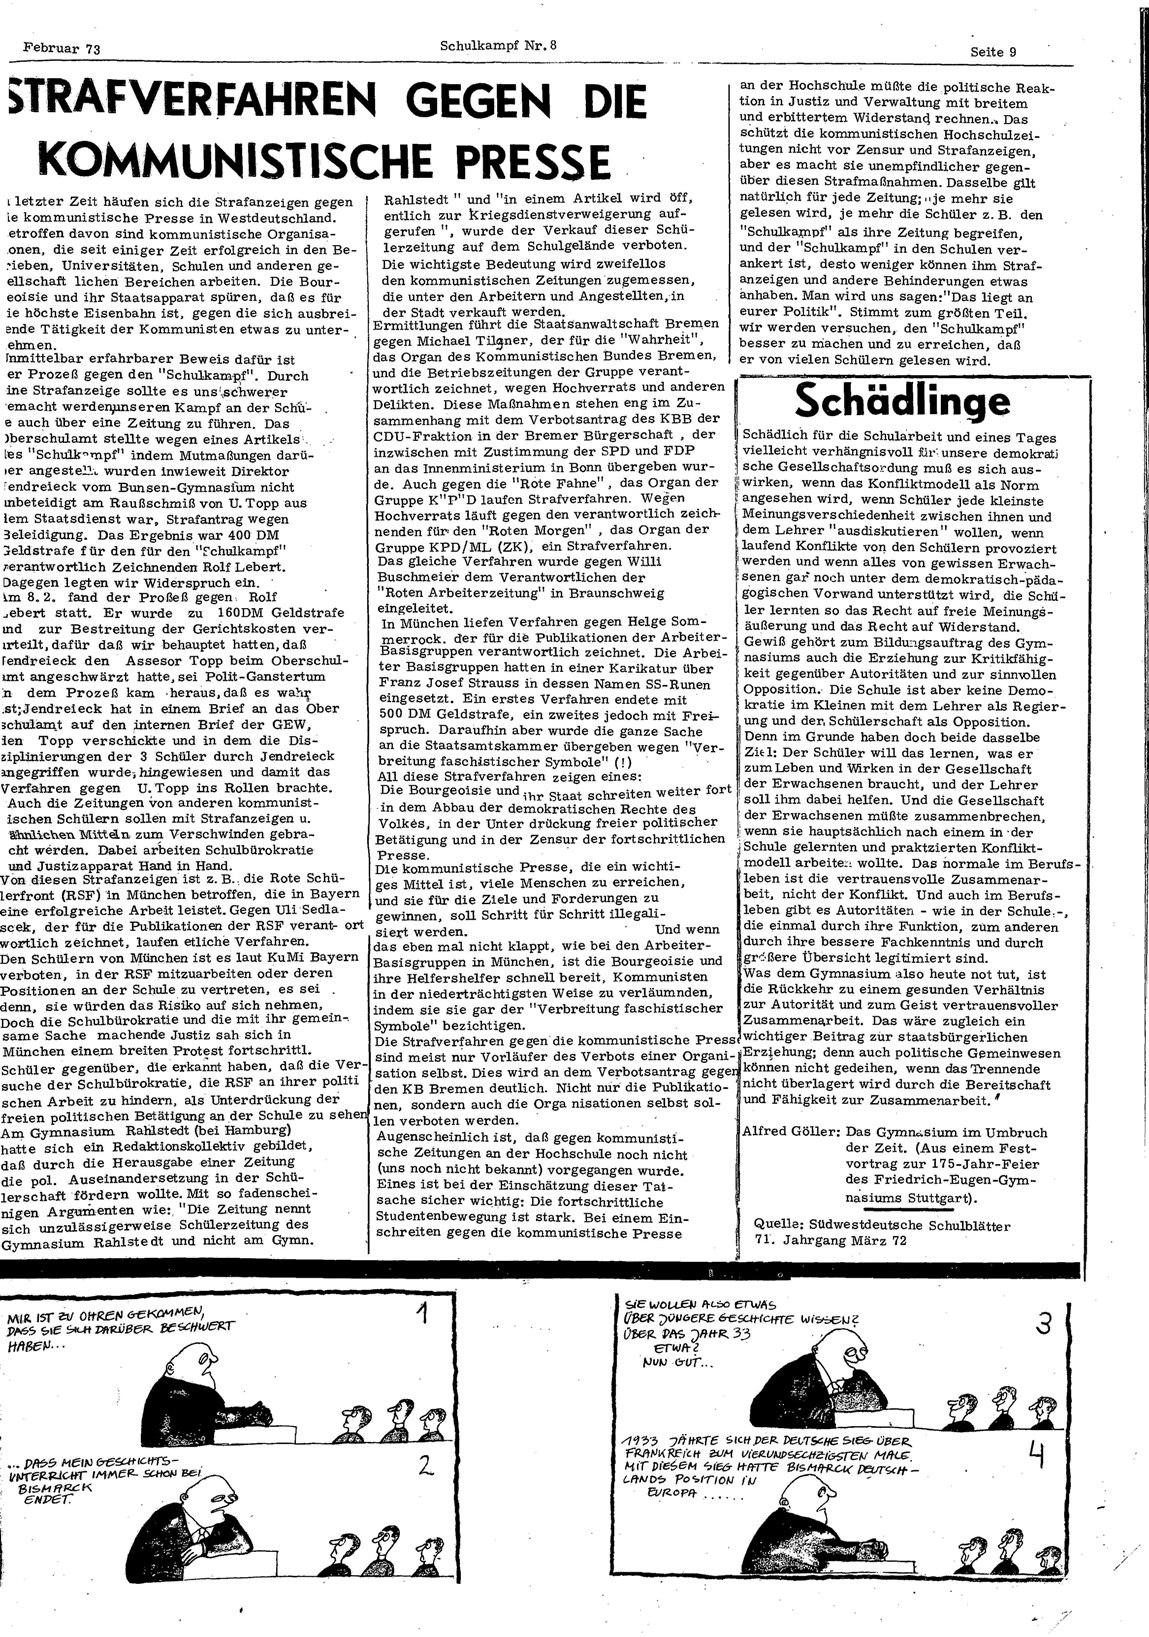 Schulkampf_HD_1973_08_09